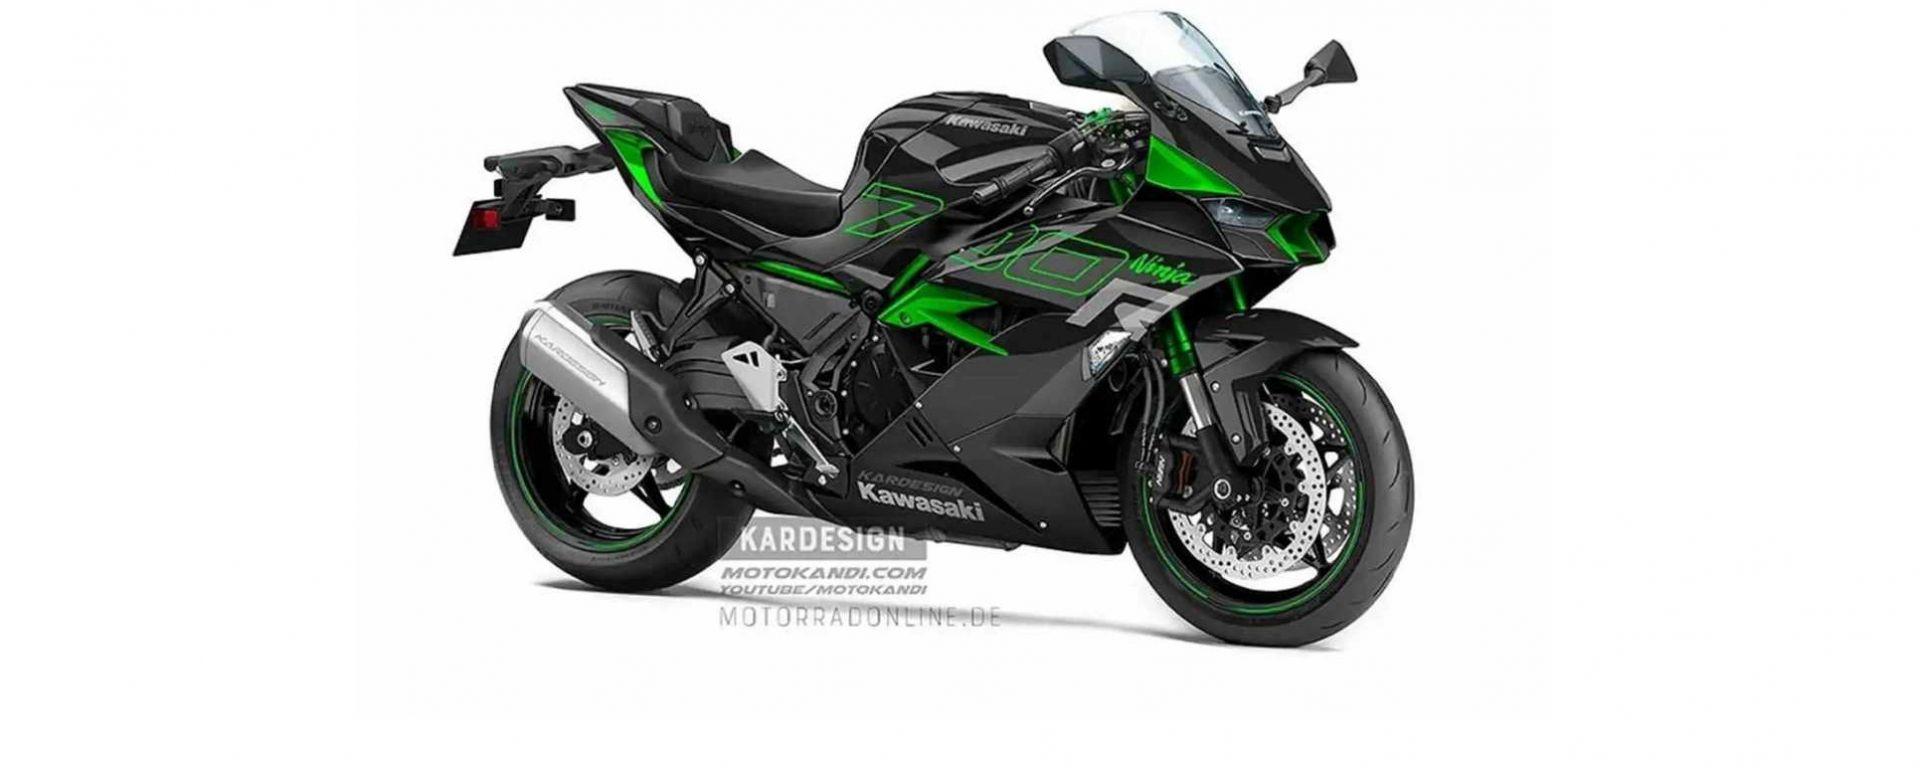 Kawasaki potrebbe realizzare una sportiva media, la Ninja 700R